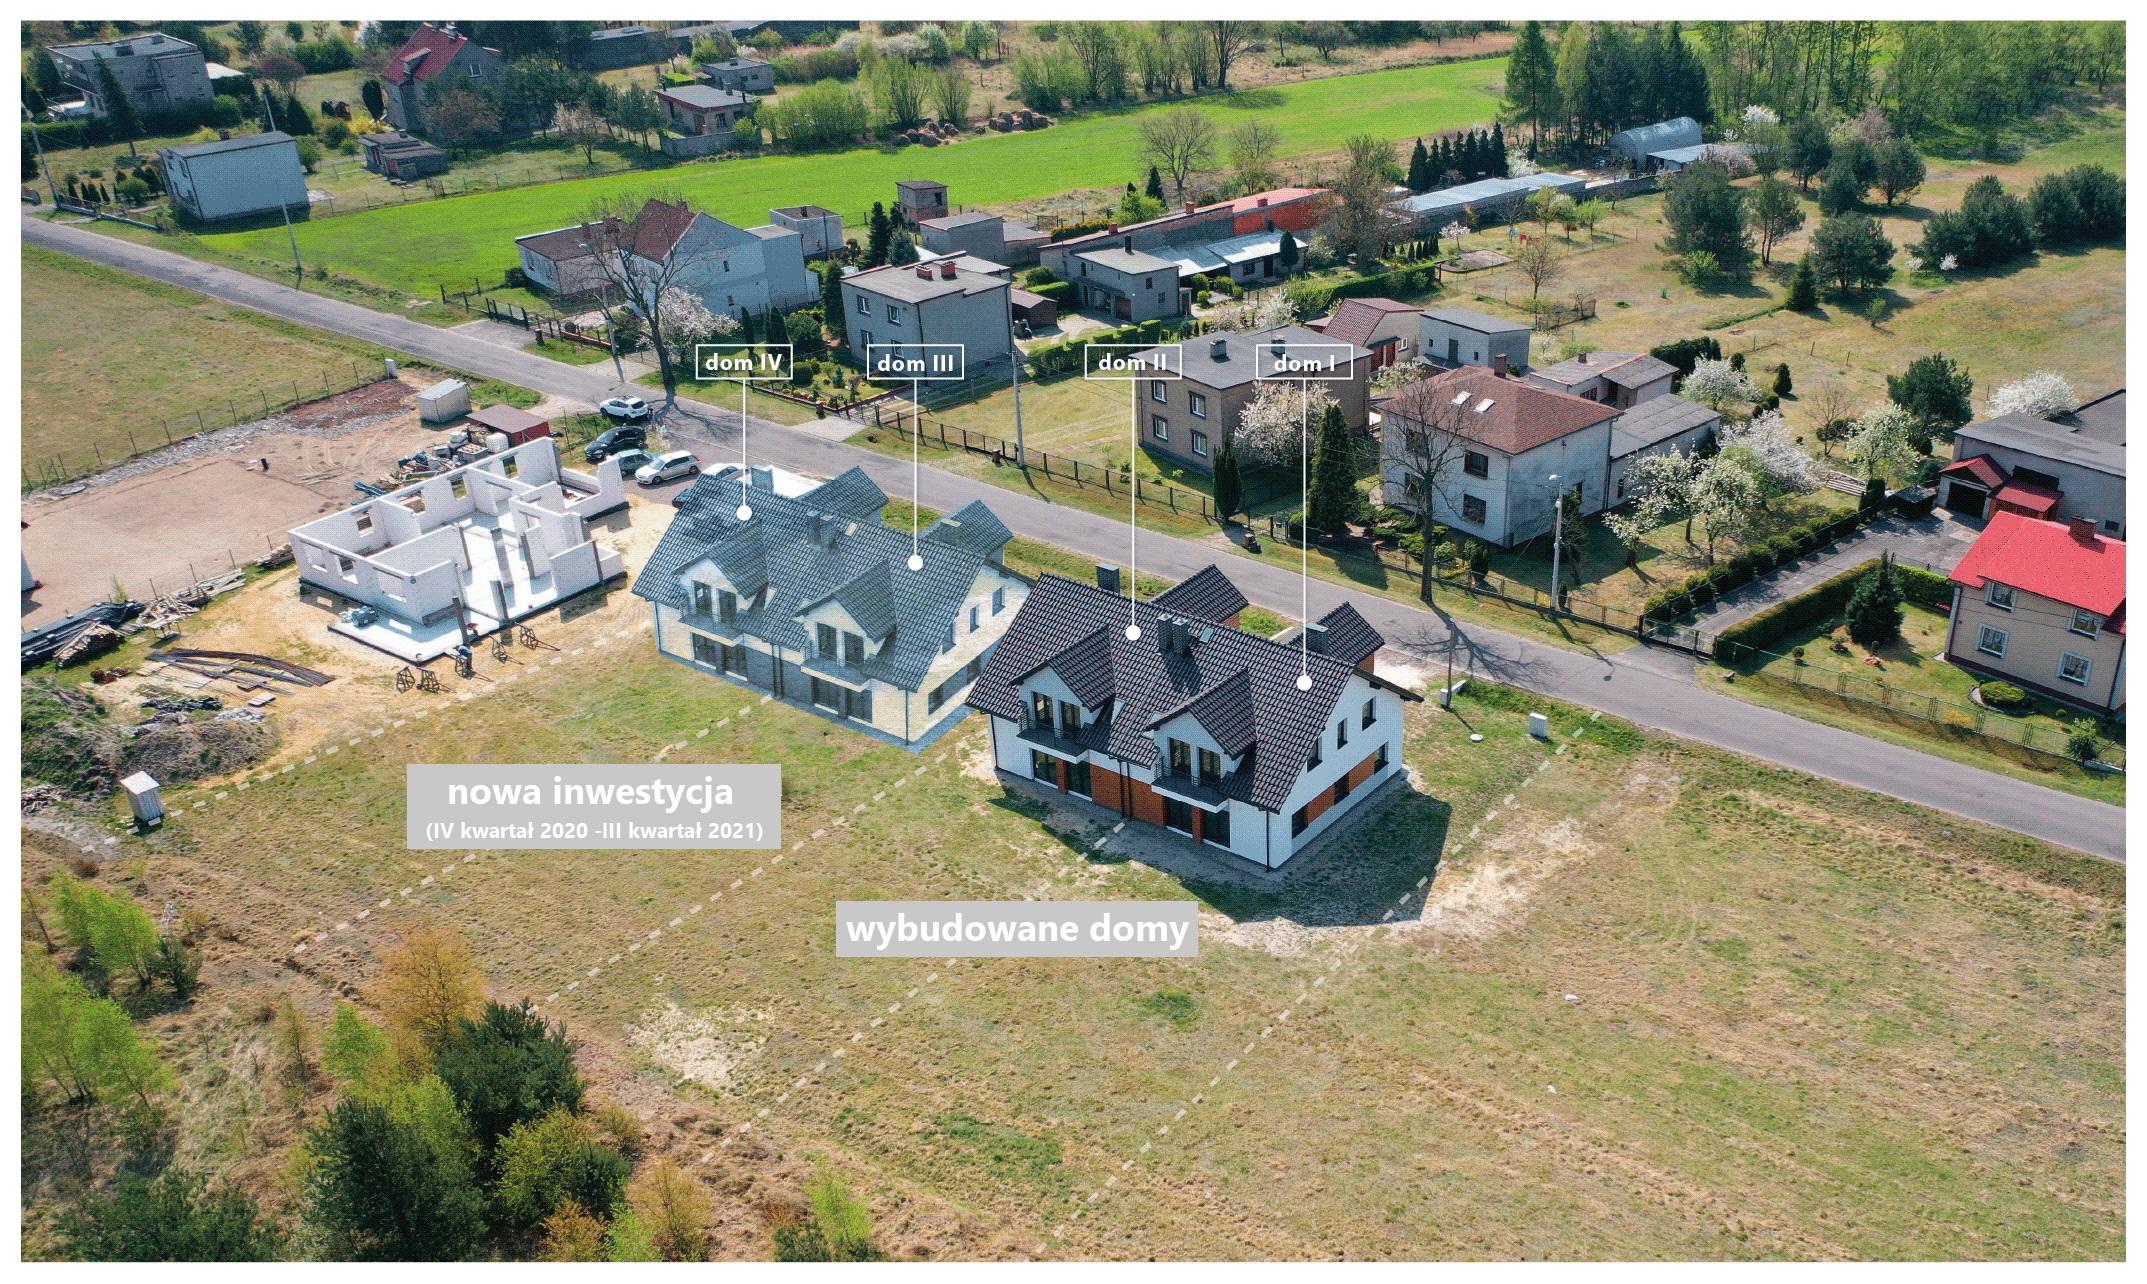 Nowe domy na sprzedaż- zakończenie budowy III kwartał 2021